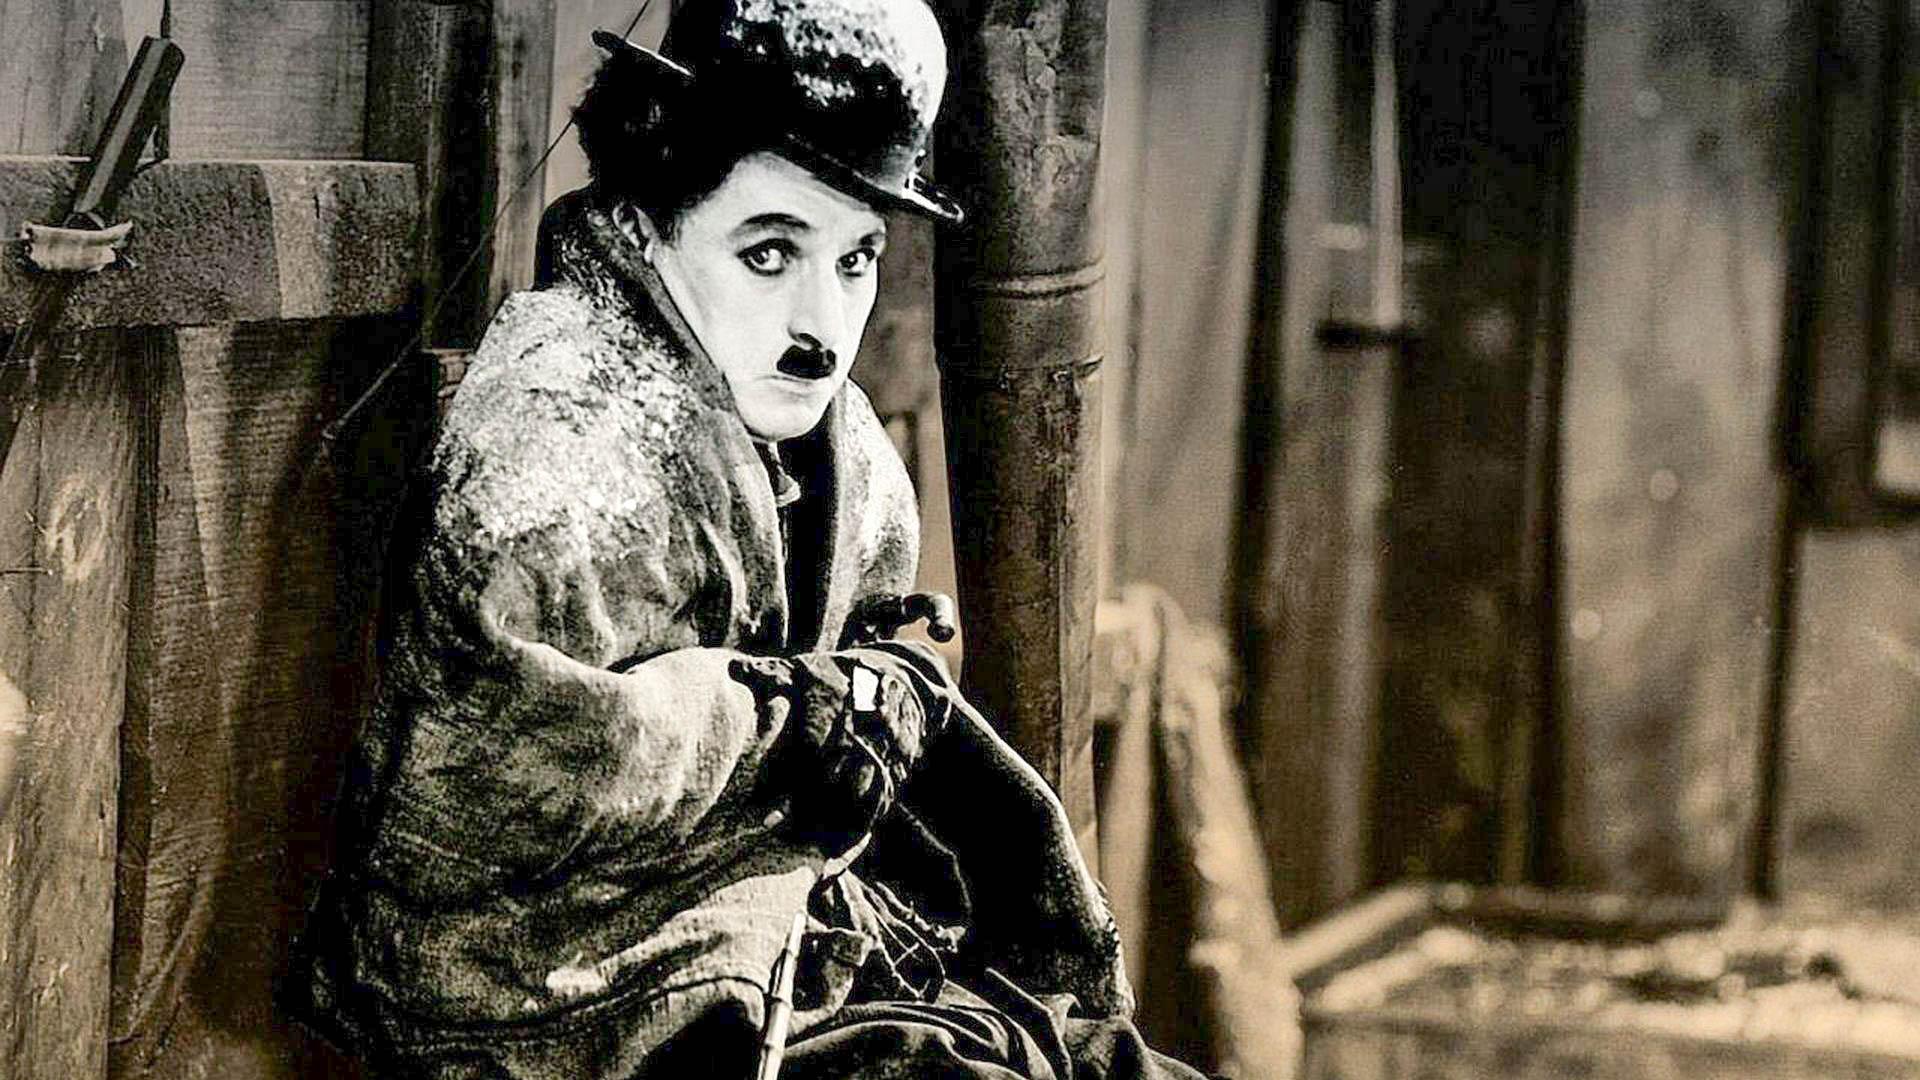 Charlie Chaplin Wallpaper 17   1920 X 1080 stmednet 1920x1080